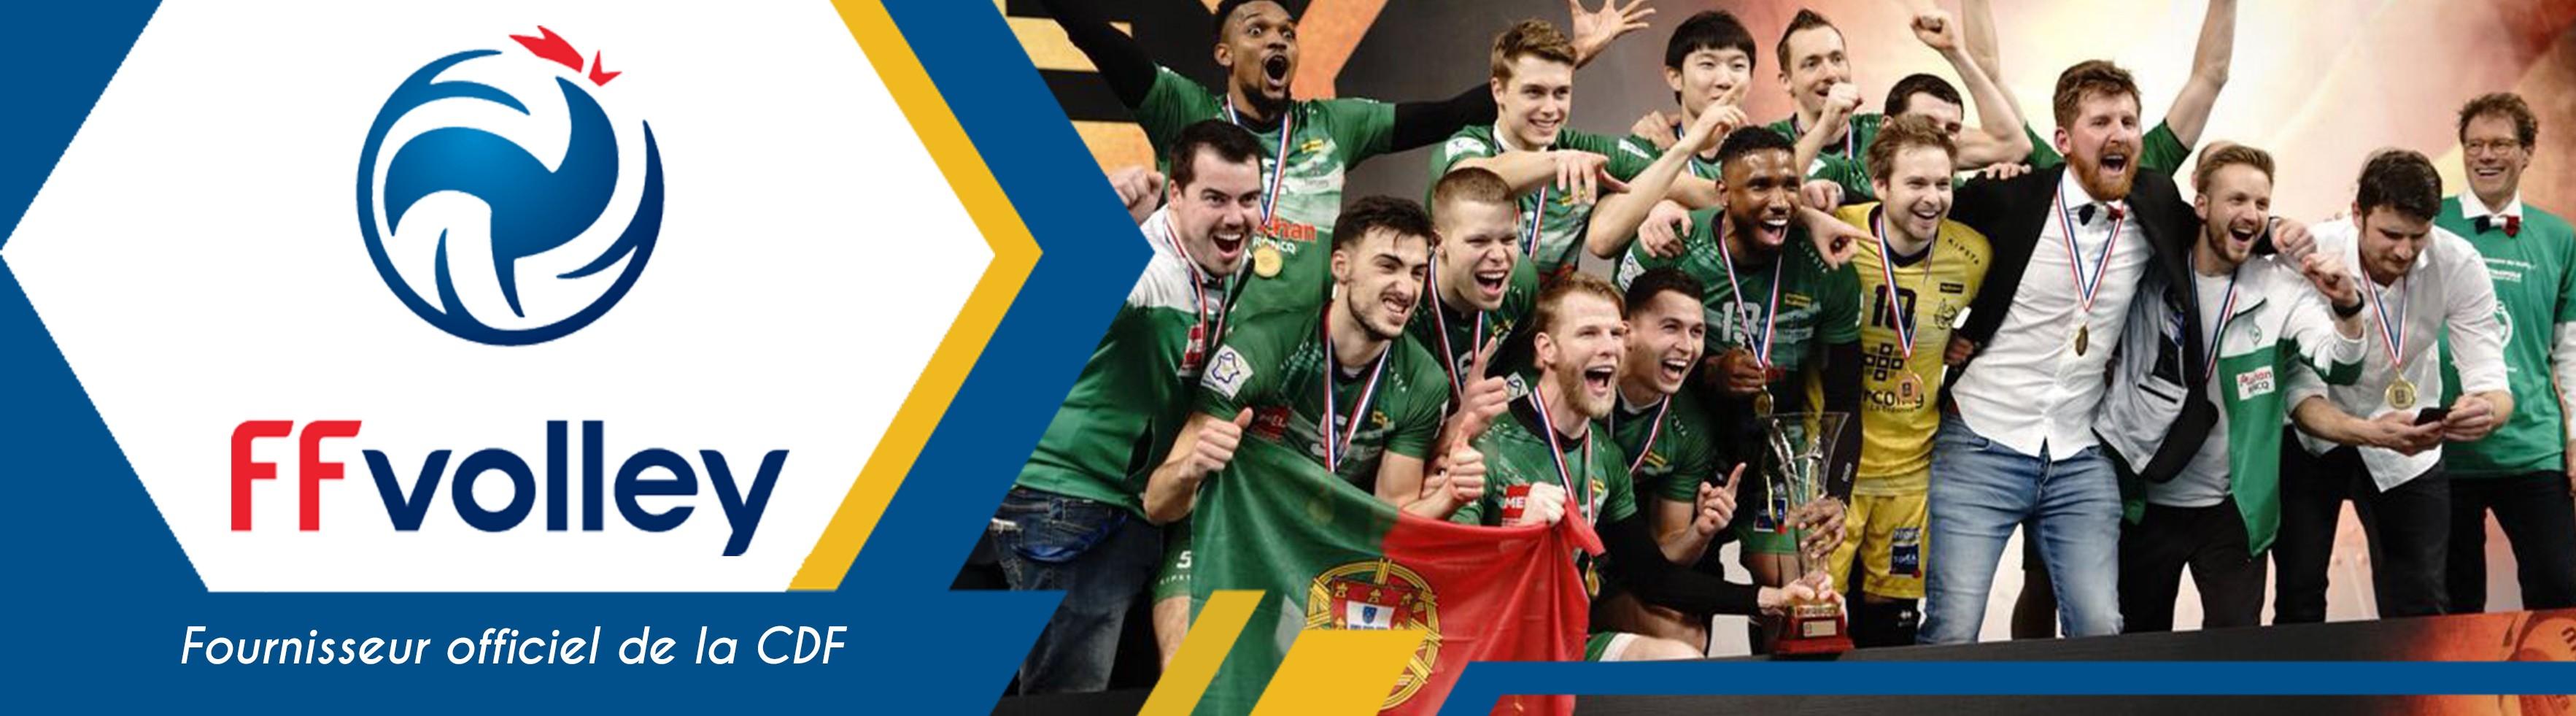 Coupe de France de volley